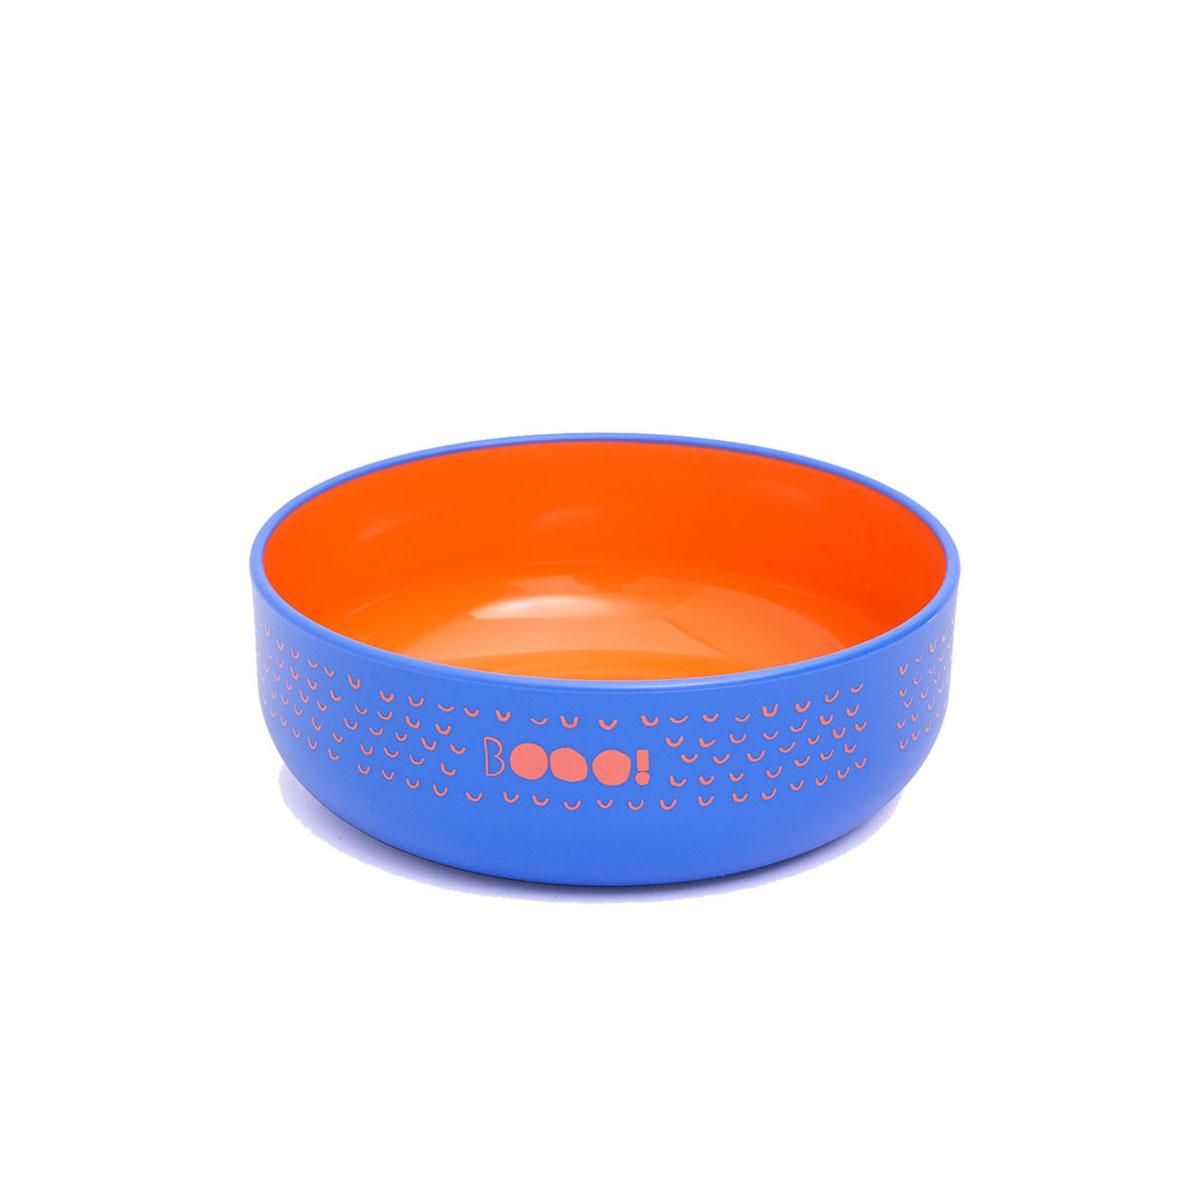 Παιδικό πιάτο βαθύ Βοοο blue suavinex - Mommys Baby d33f4d9a36d